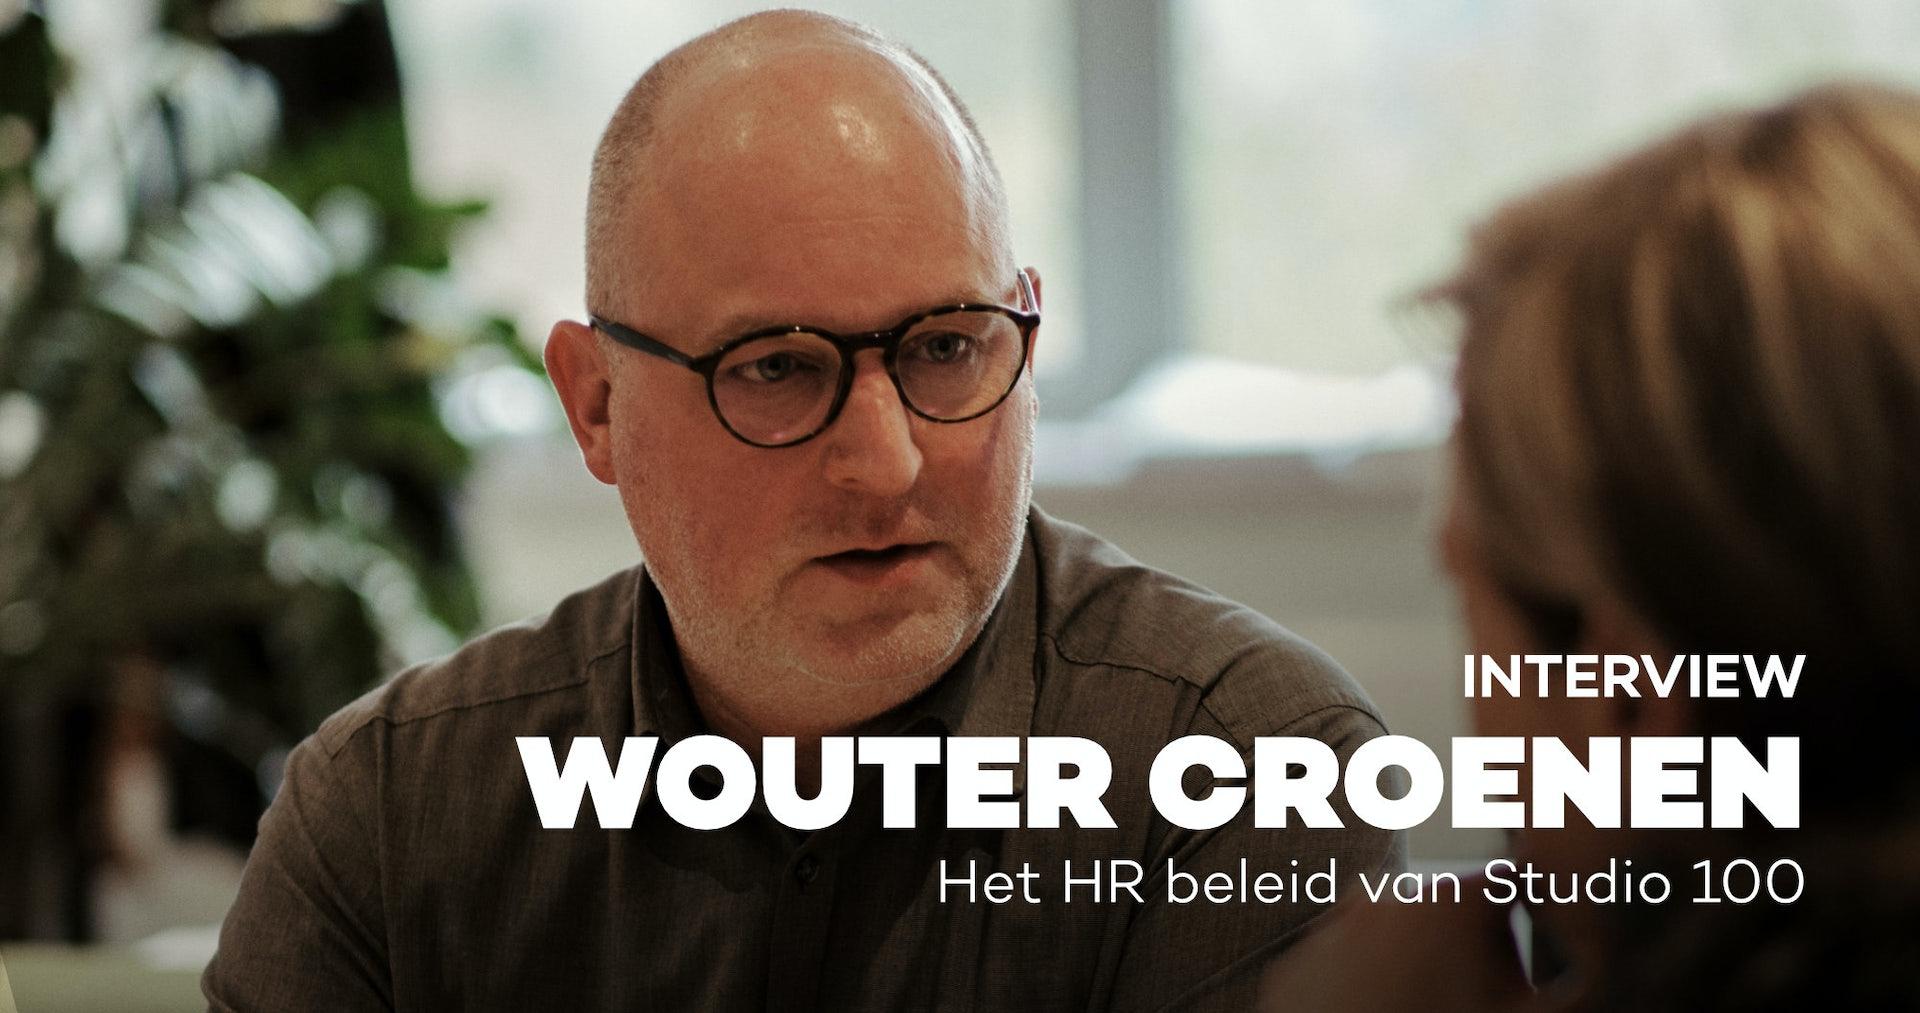 Wouter Croenen - Het HR beleid van Studio 100